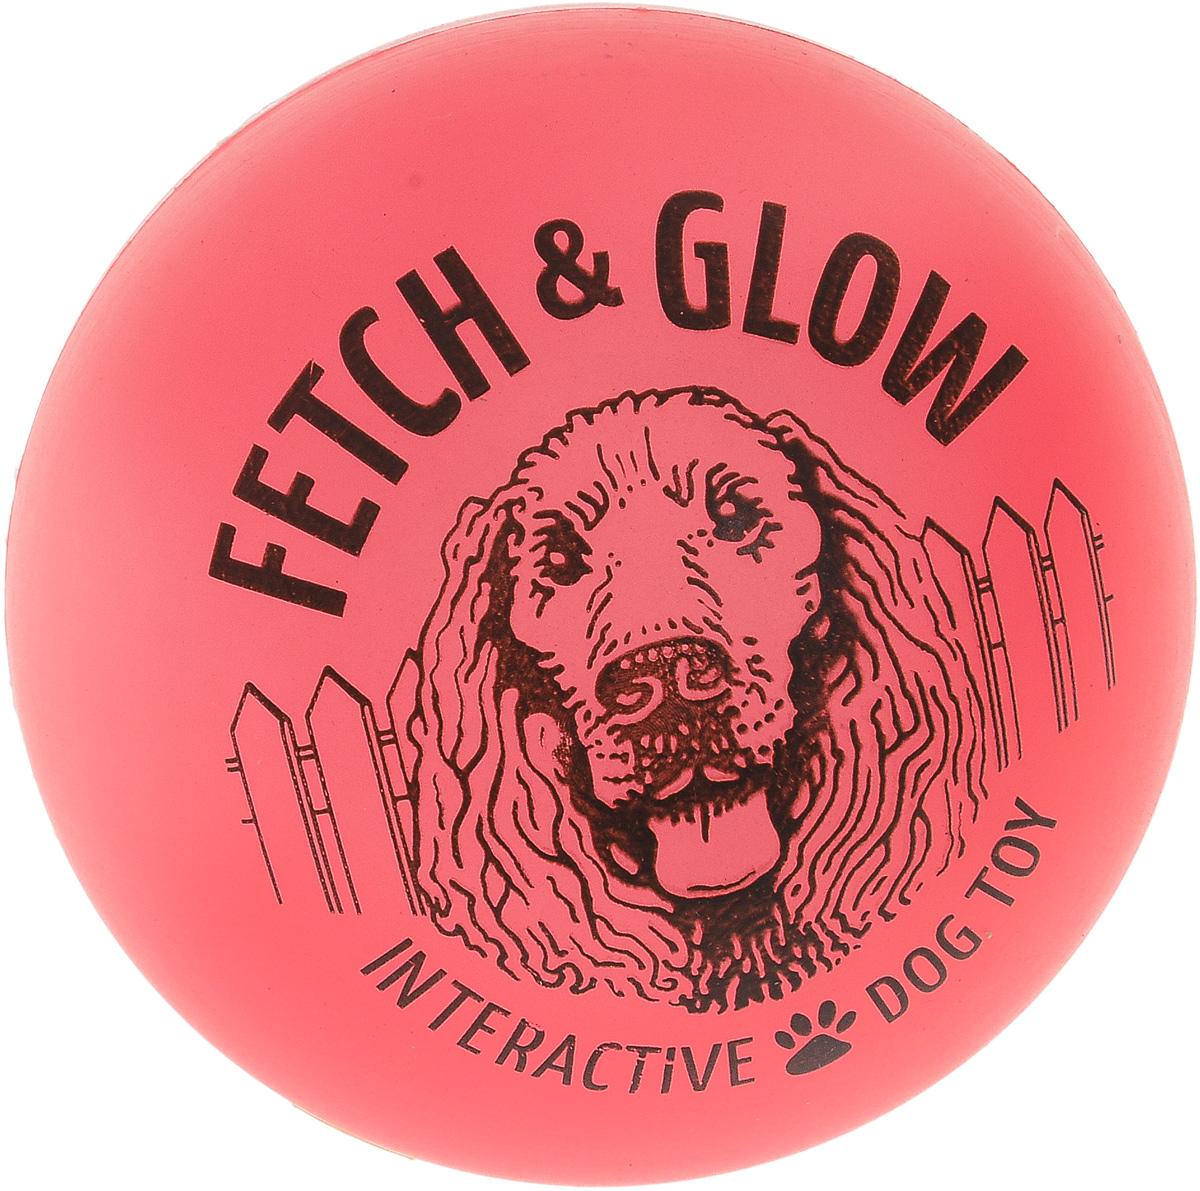 Светящийся мяч, красный (светится при ударе)625607_красныйВы теряете собачьи игрушки на прогулках в темное время суток? Ваша собака зашла в кусты и вечером ее плохо видно? Теперь есть решение этих проблем! Аксессуары для собак компанииAmerican Dog Toys светятся в темноте!